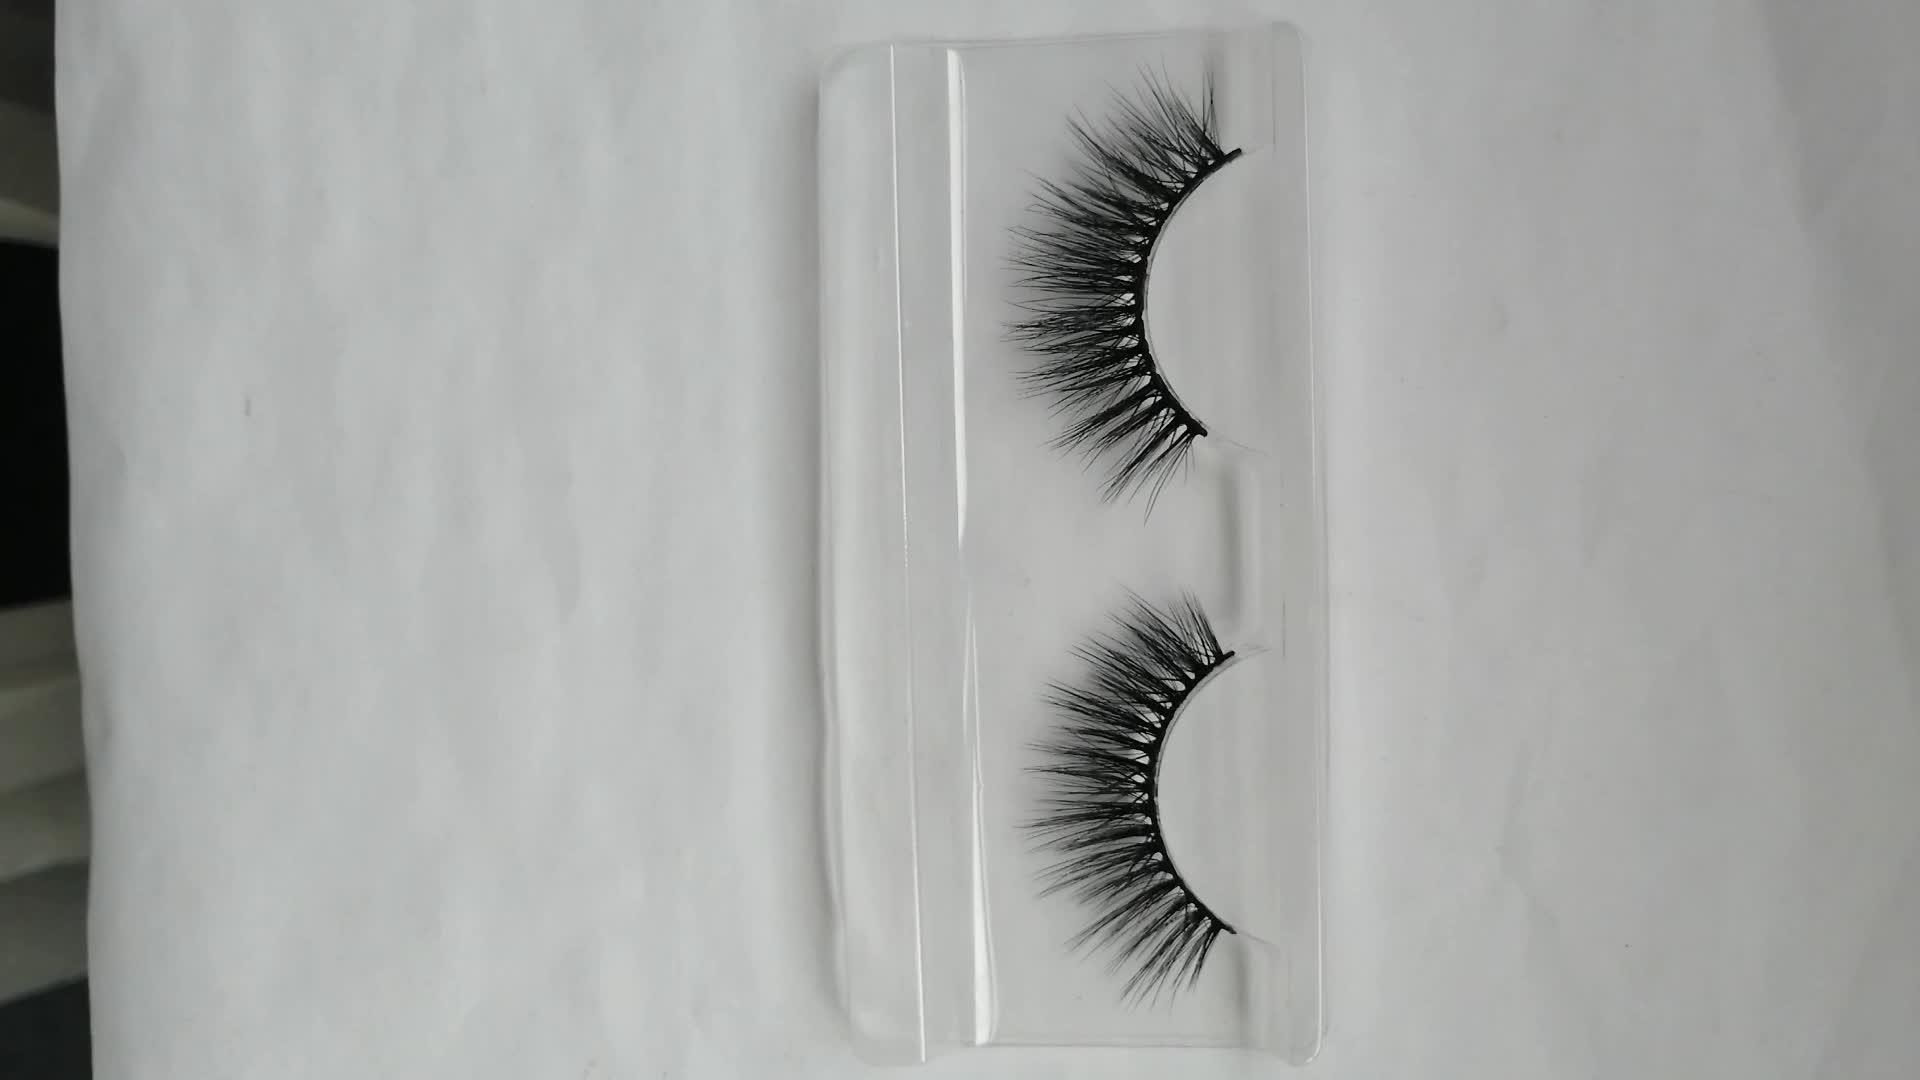 professional wholesale mink eyelash vendor luxury natural mink eyelashes private label with custom packaging box eyelash